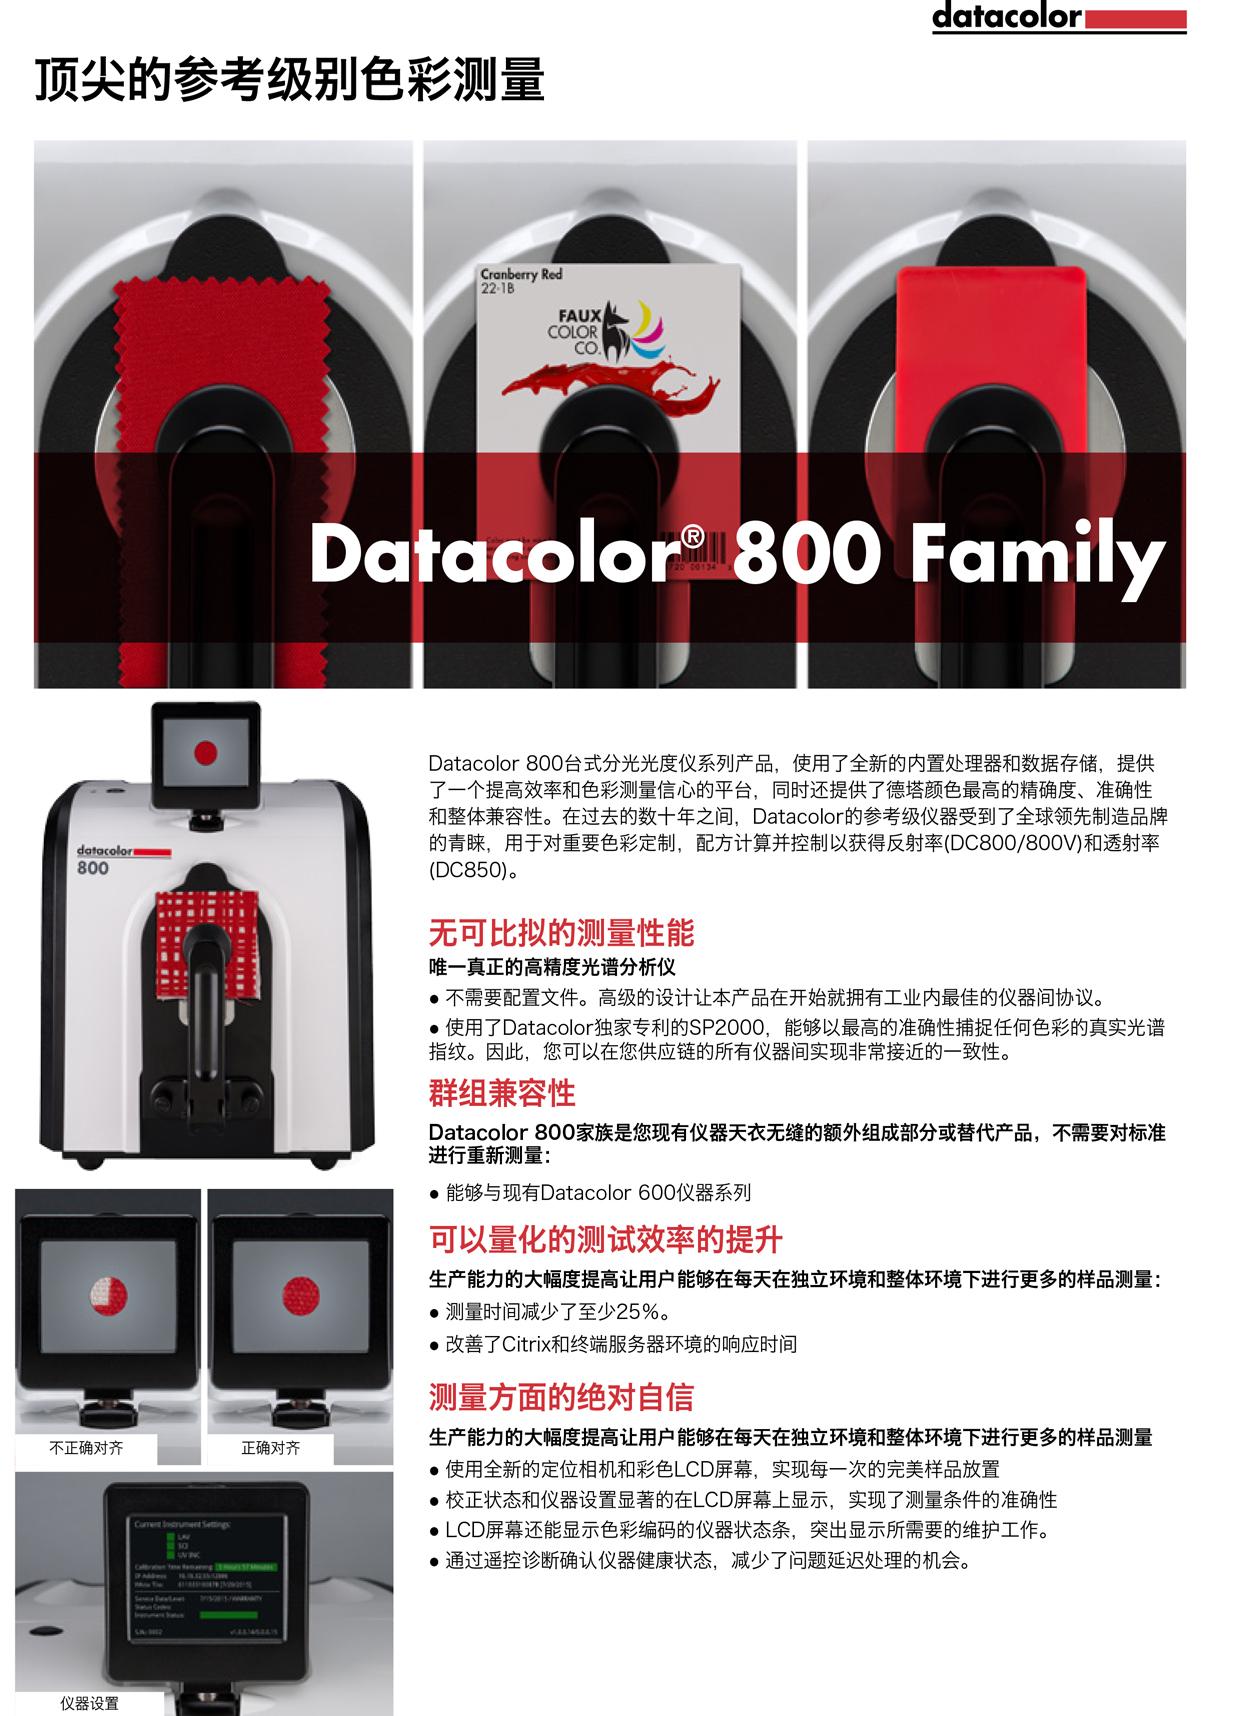 德塔Datacolor